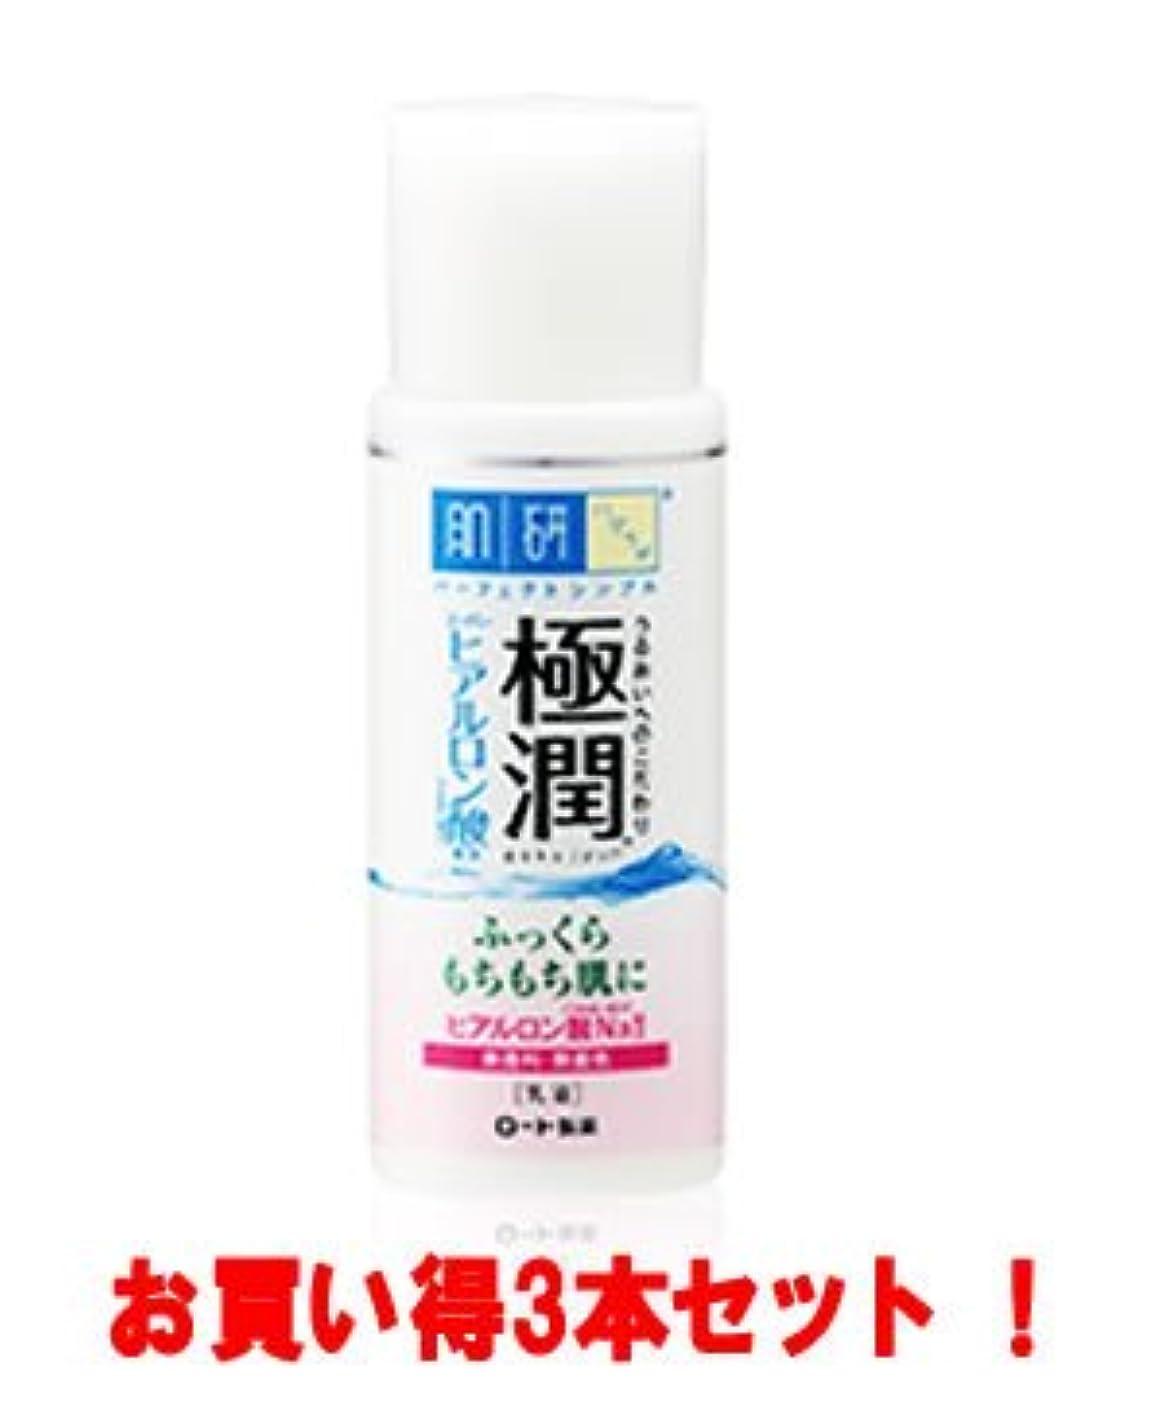 肌研(ハダラボ) 極潤ヒアルロン乳液 140ml(お買い得3本セット)